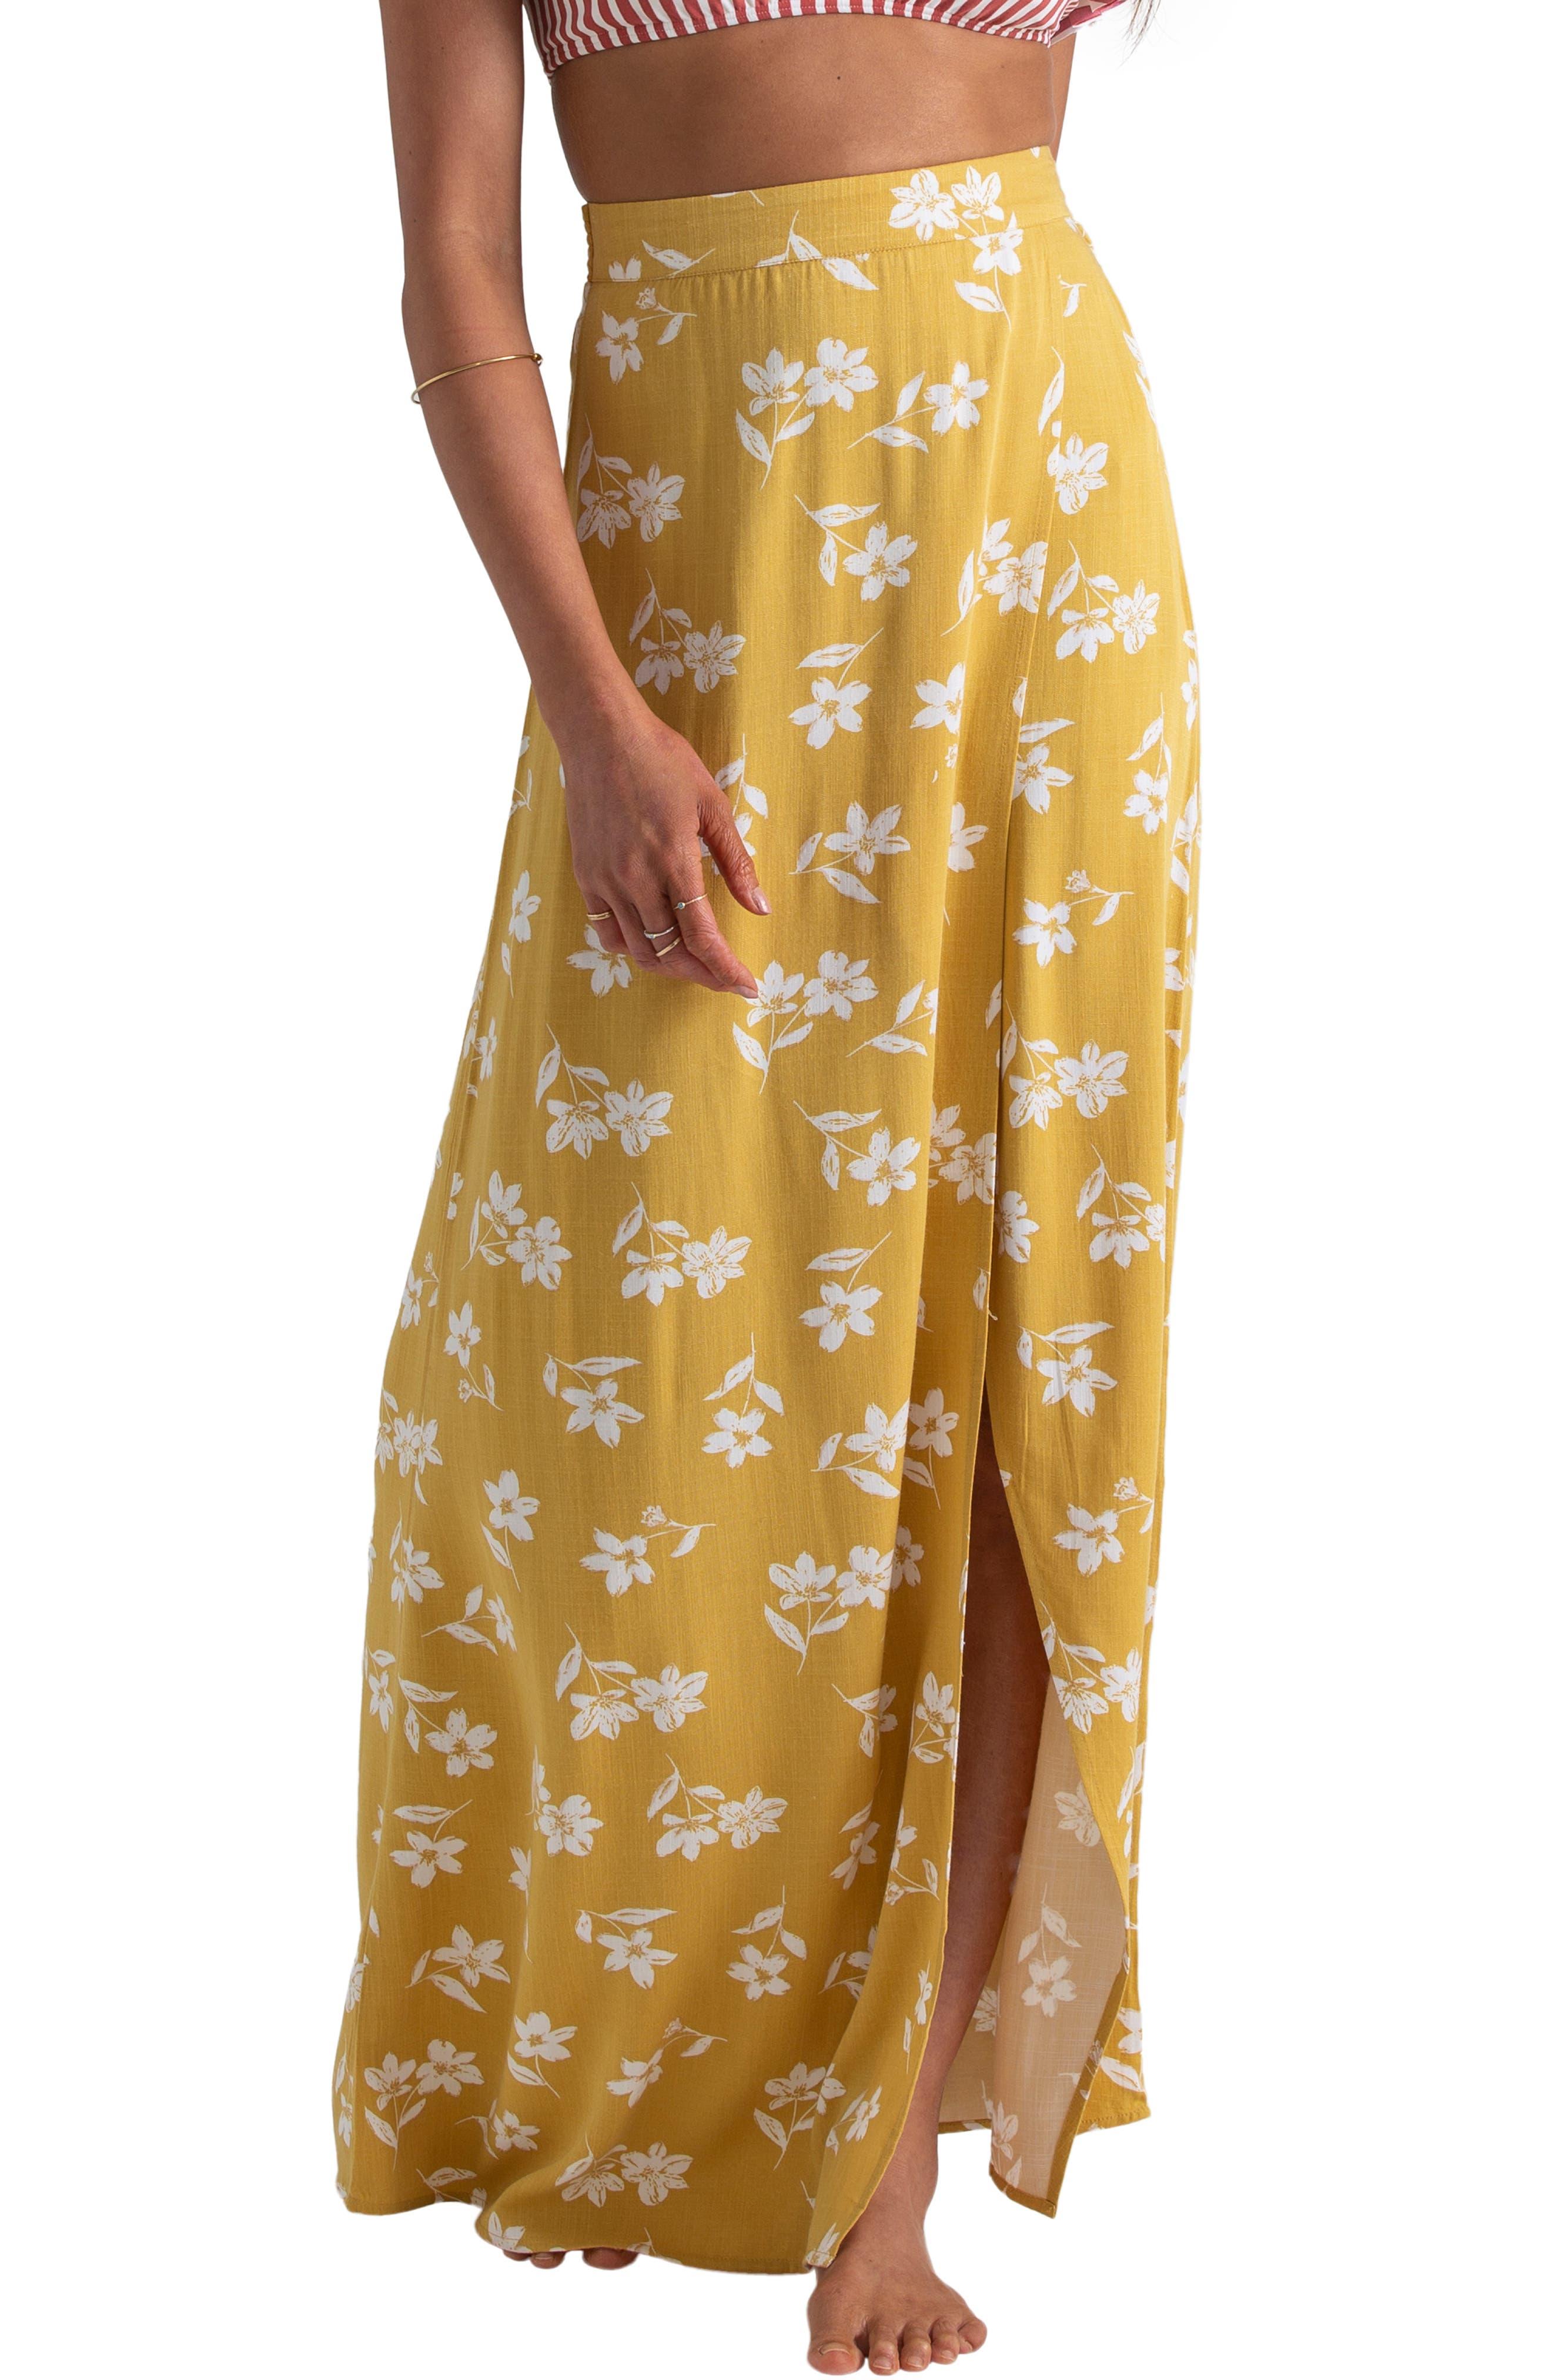 Billabong X Sincerely Jules High Heights Maxi Skirt, Yellow